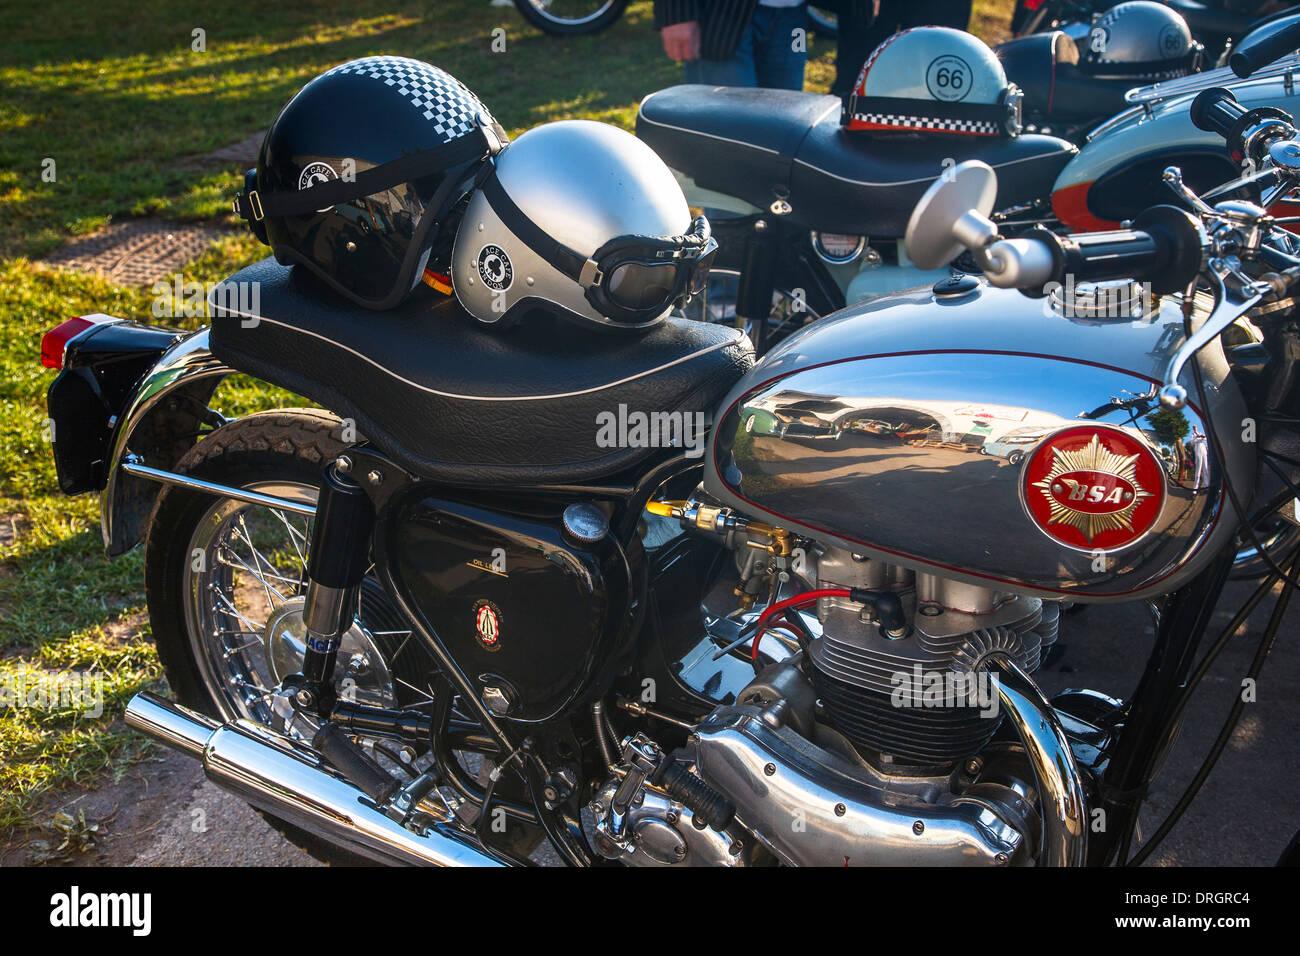 BSA Oldtimer Motorräder am Goodwood Revival 2013, West Sussex, Großbritannien Stockbild